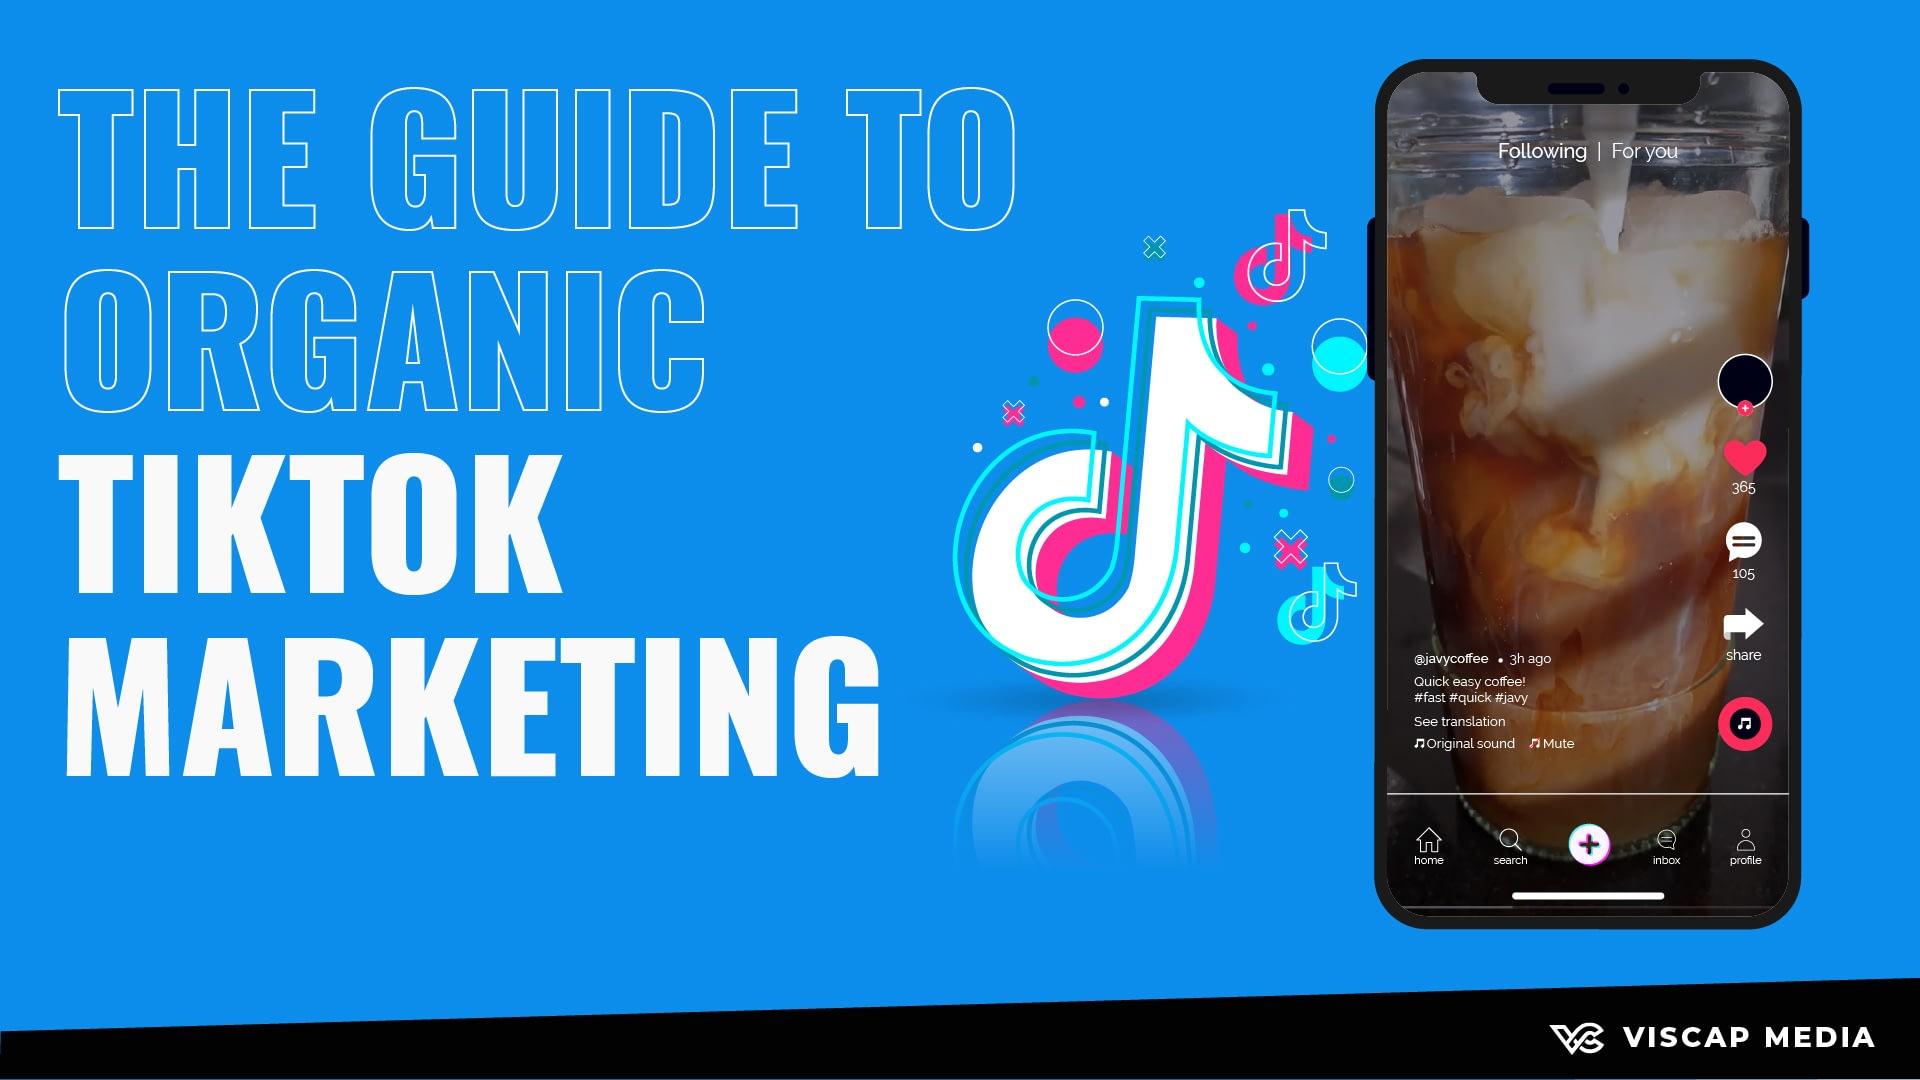 The Guide To Organic TikTok Marketing